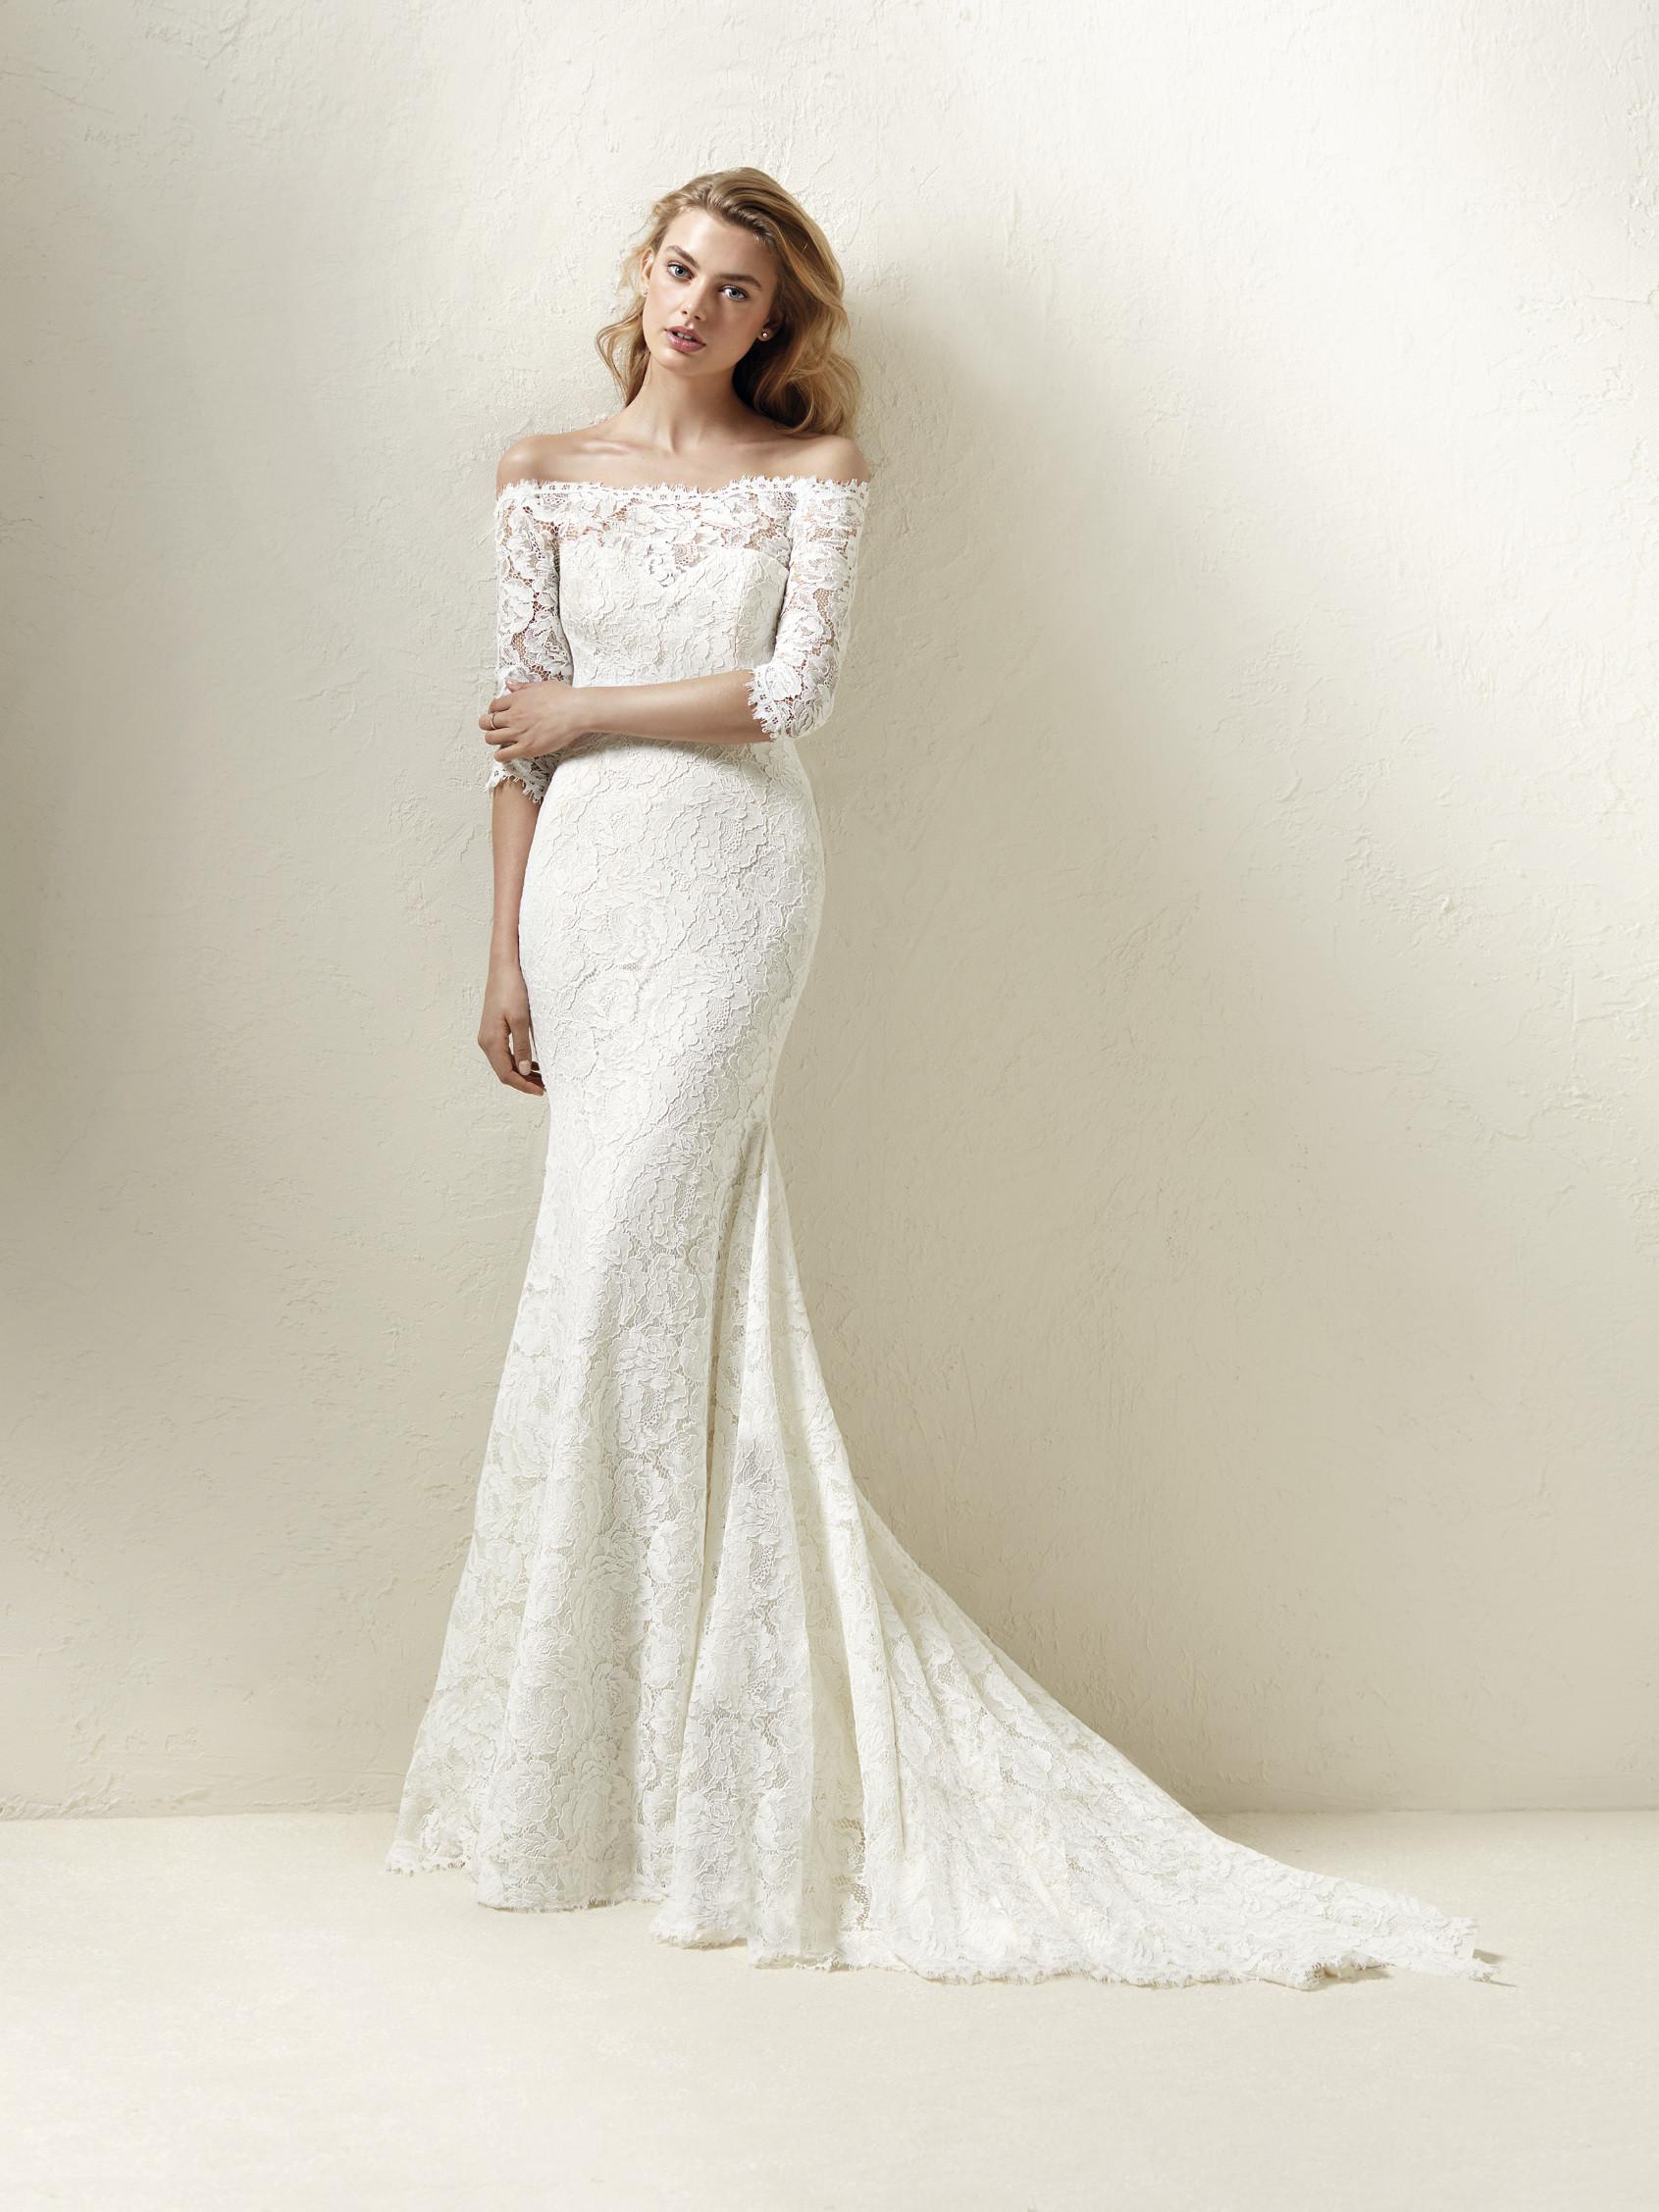 Cuanto cuesta un vestido de novia en pronovias